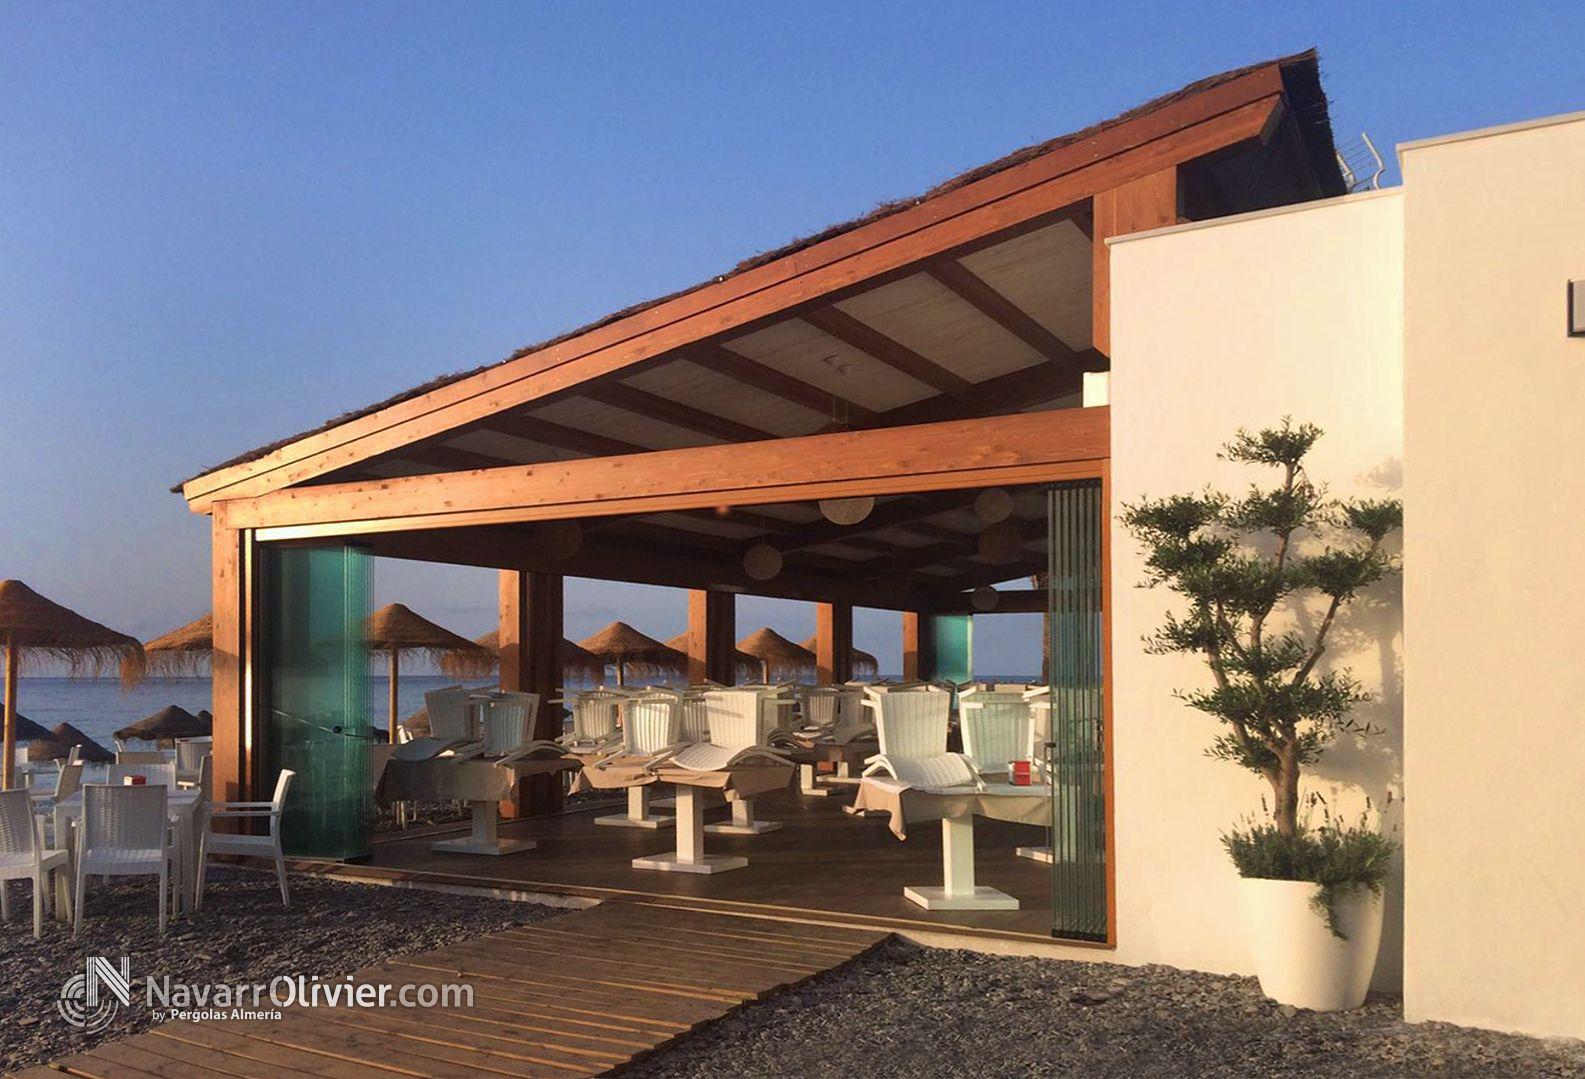 P rgola en madera para exterior para terraza de for Terraza madera exterior